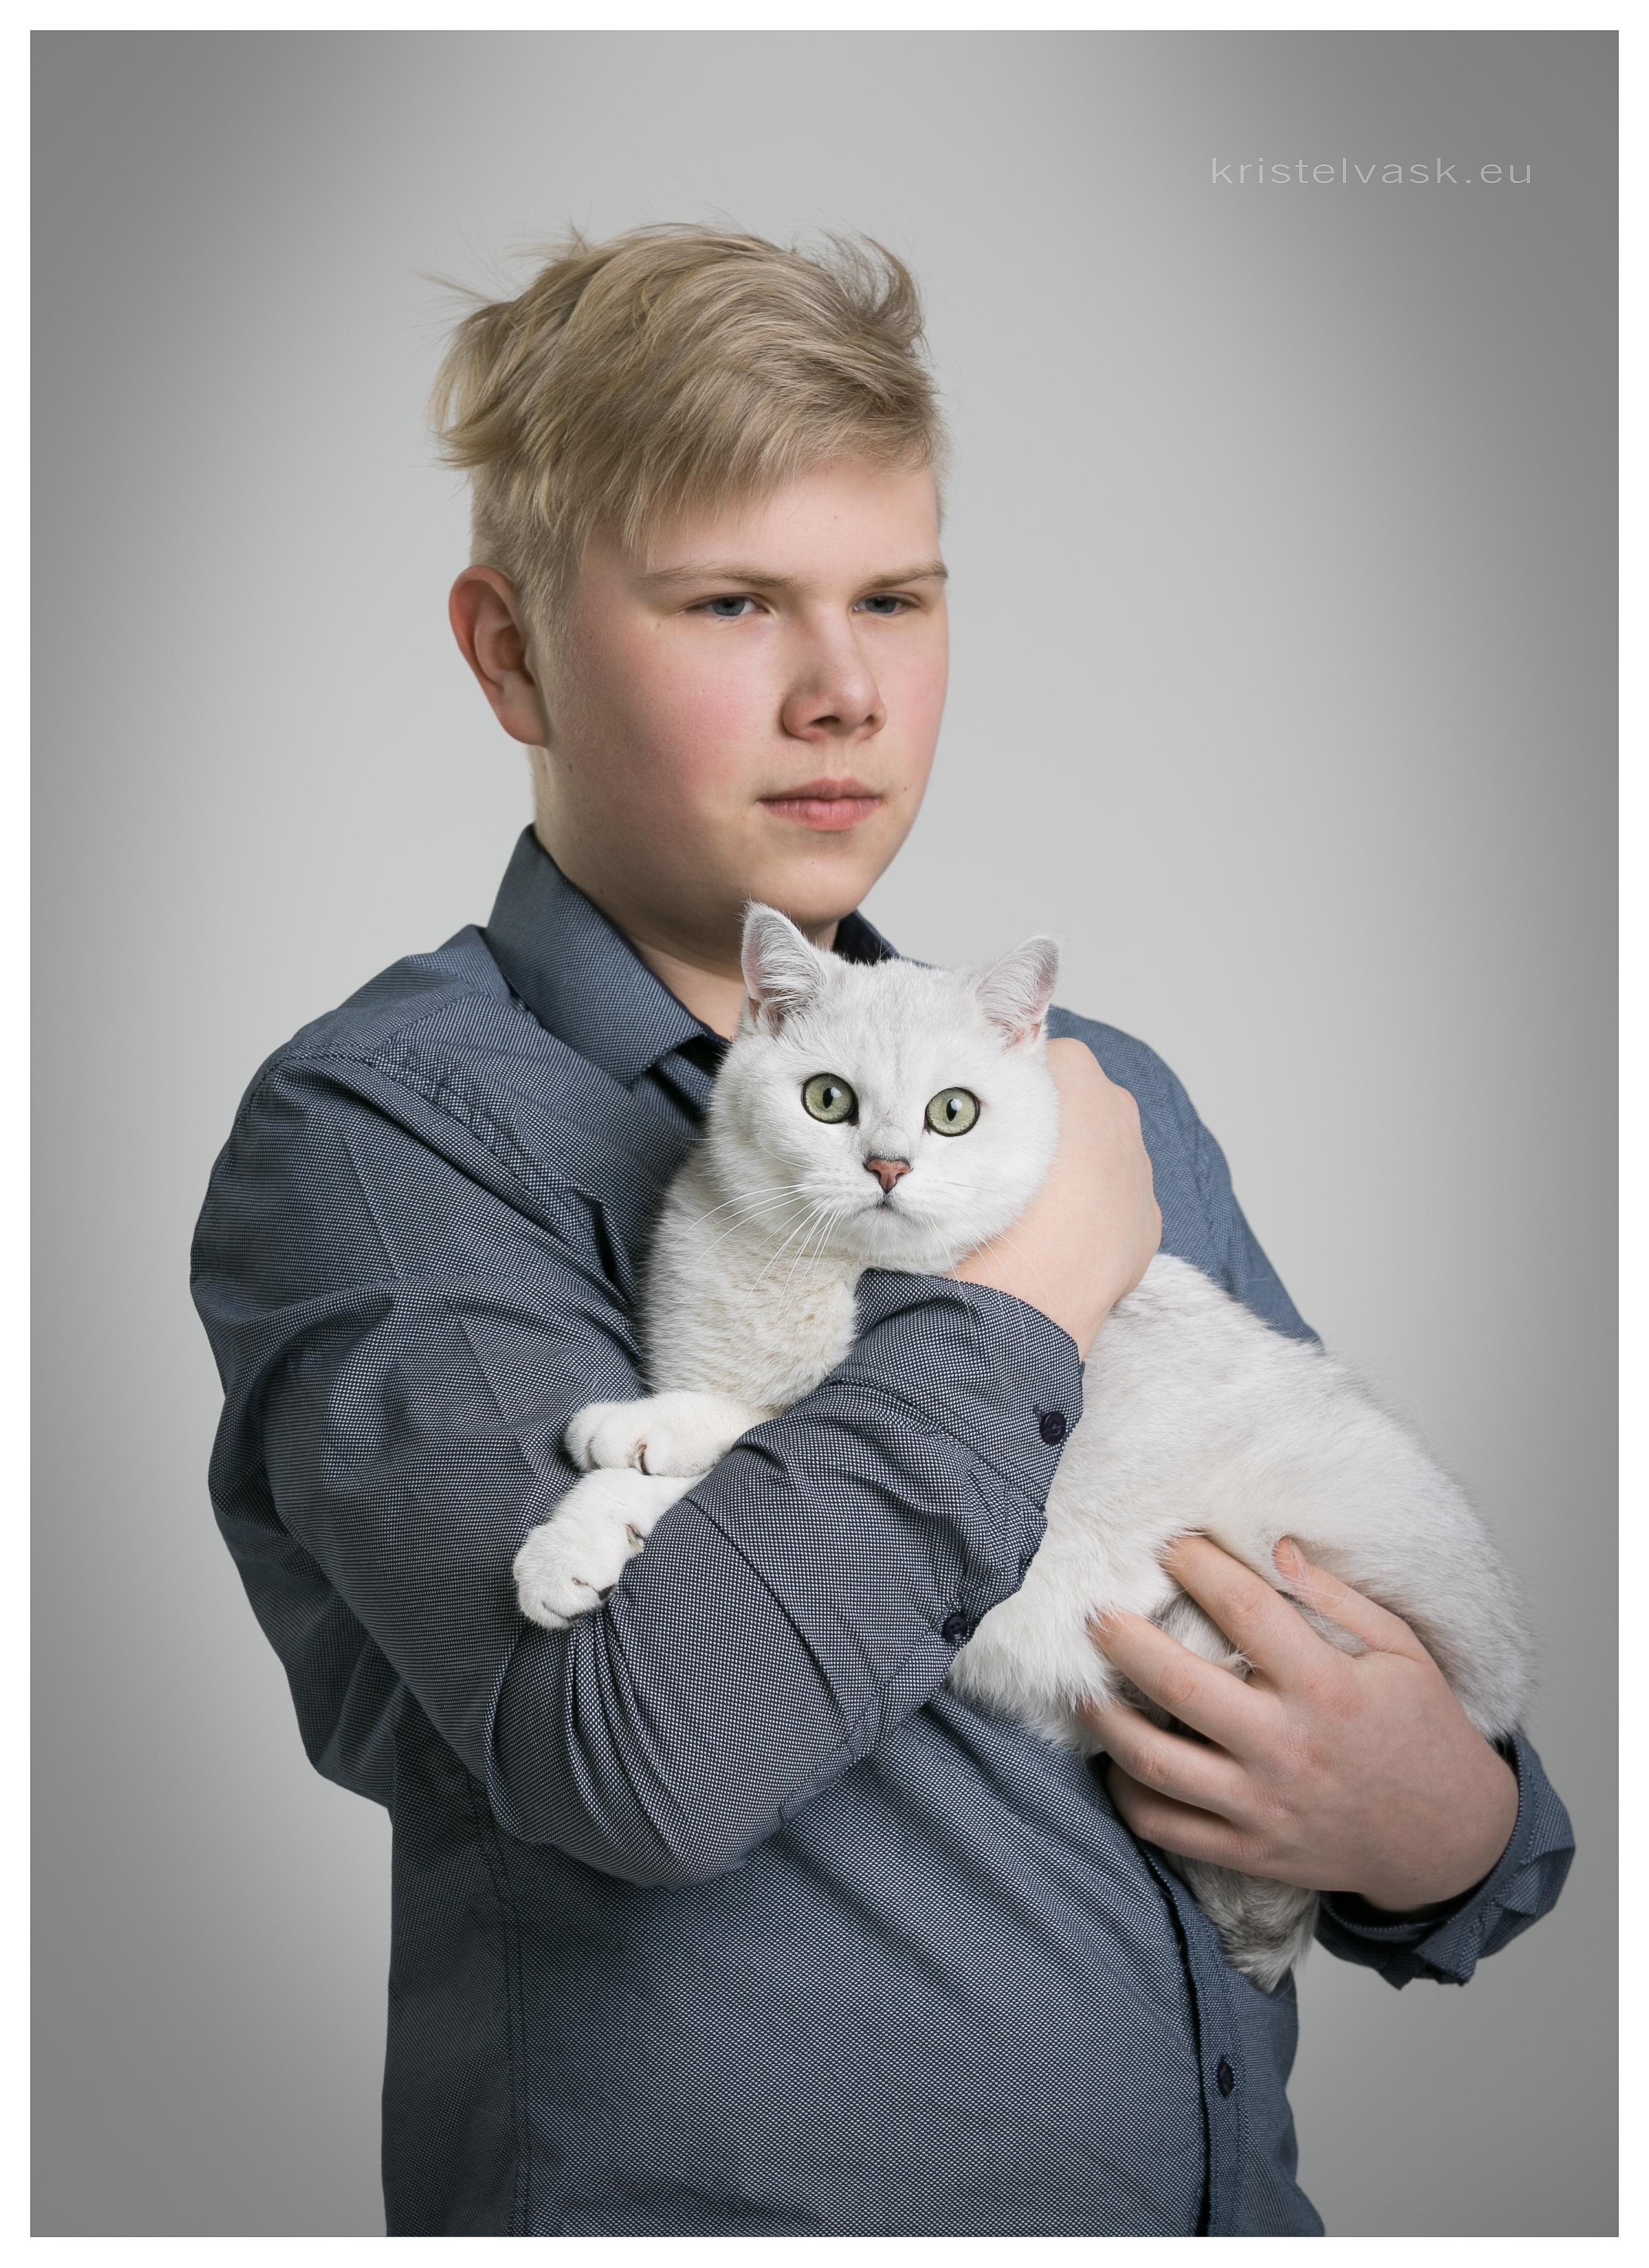 kass Erkki